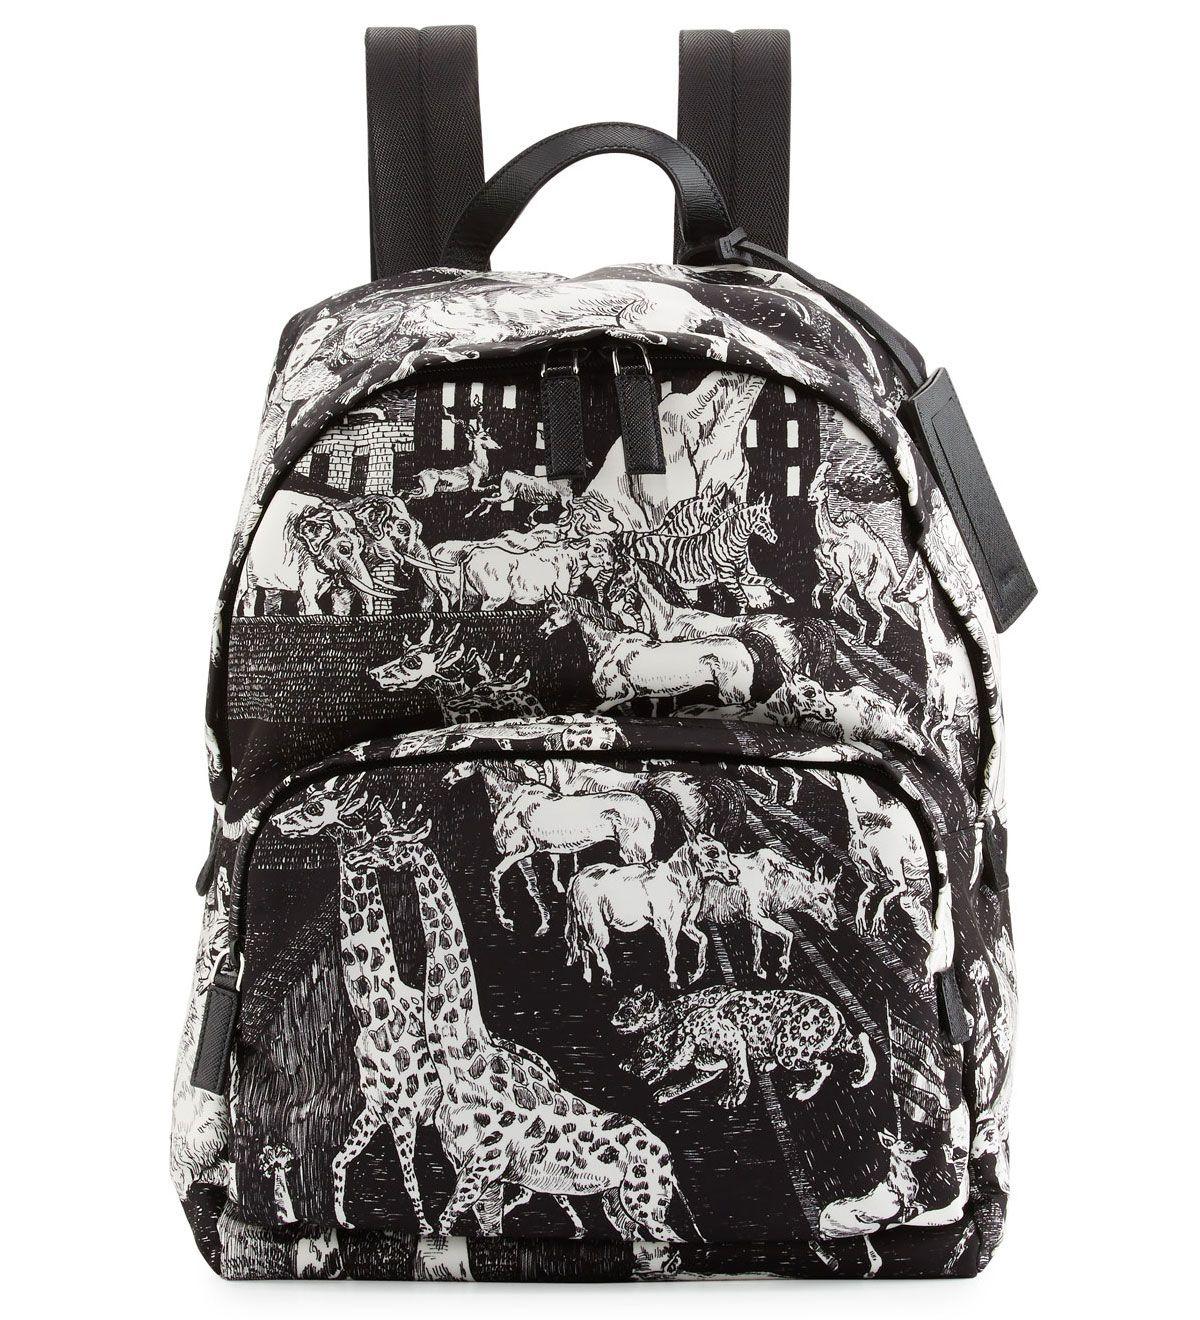 ... closeout prada tessuto animal kingdom backpack black 245.00 2bc25 ef705 0eb22381f3405